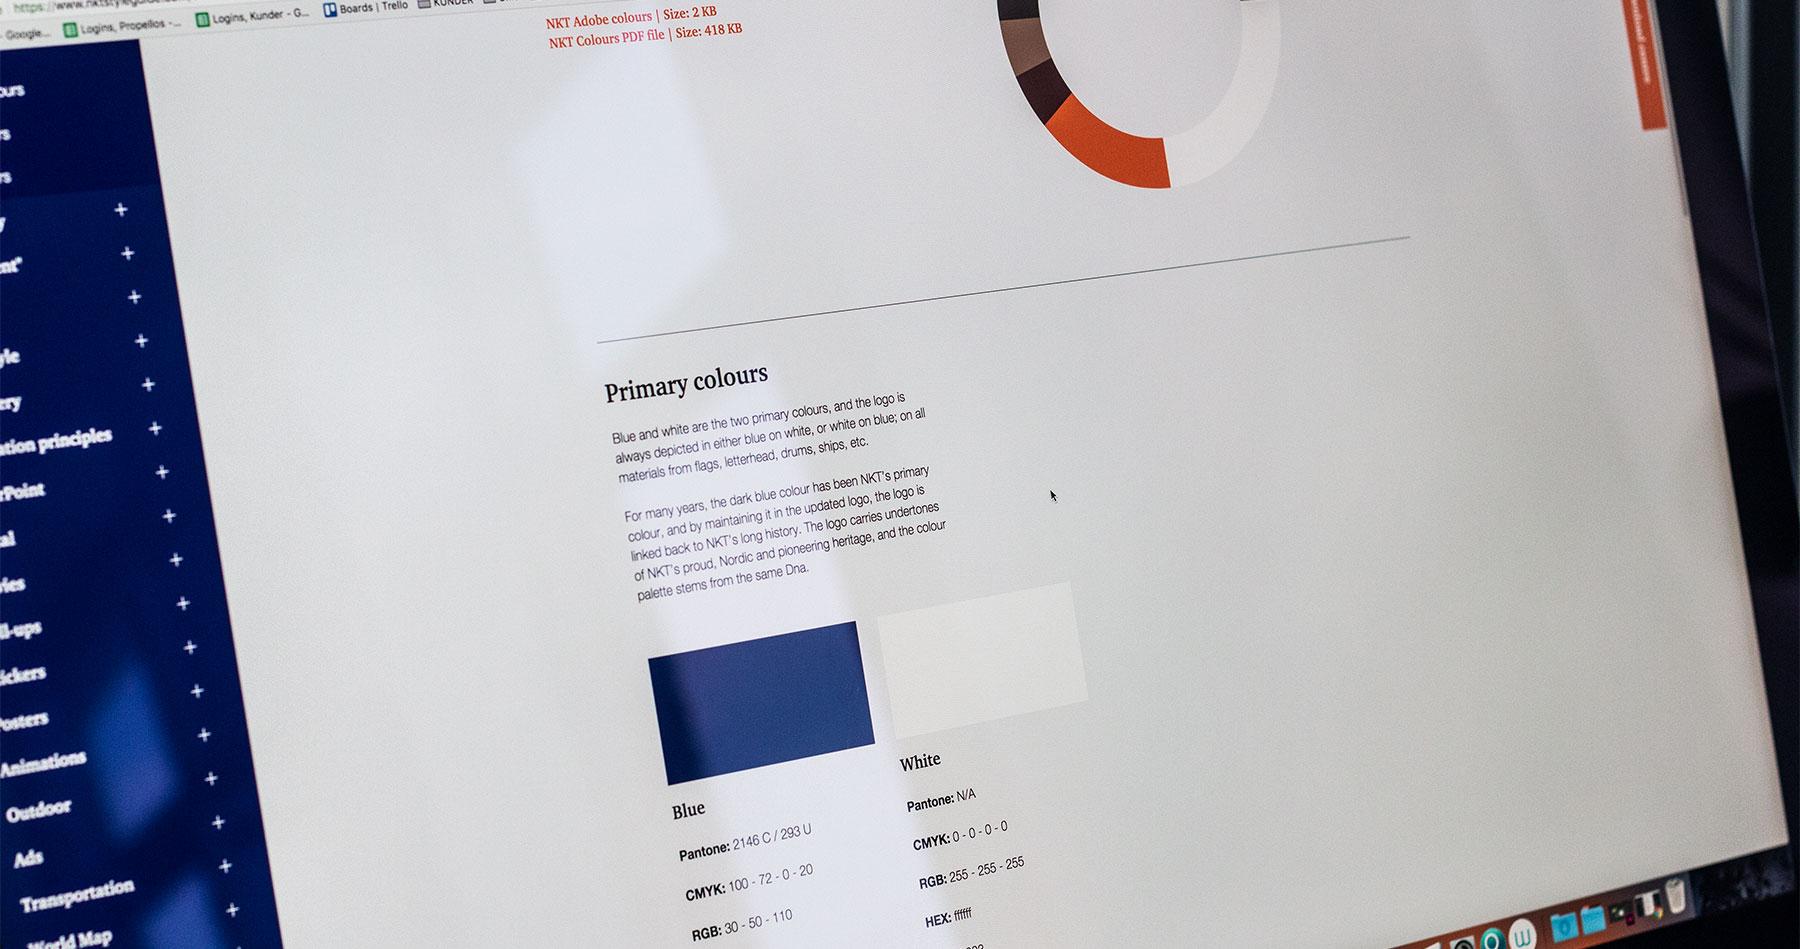 NKT-Screen02-1800x950px